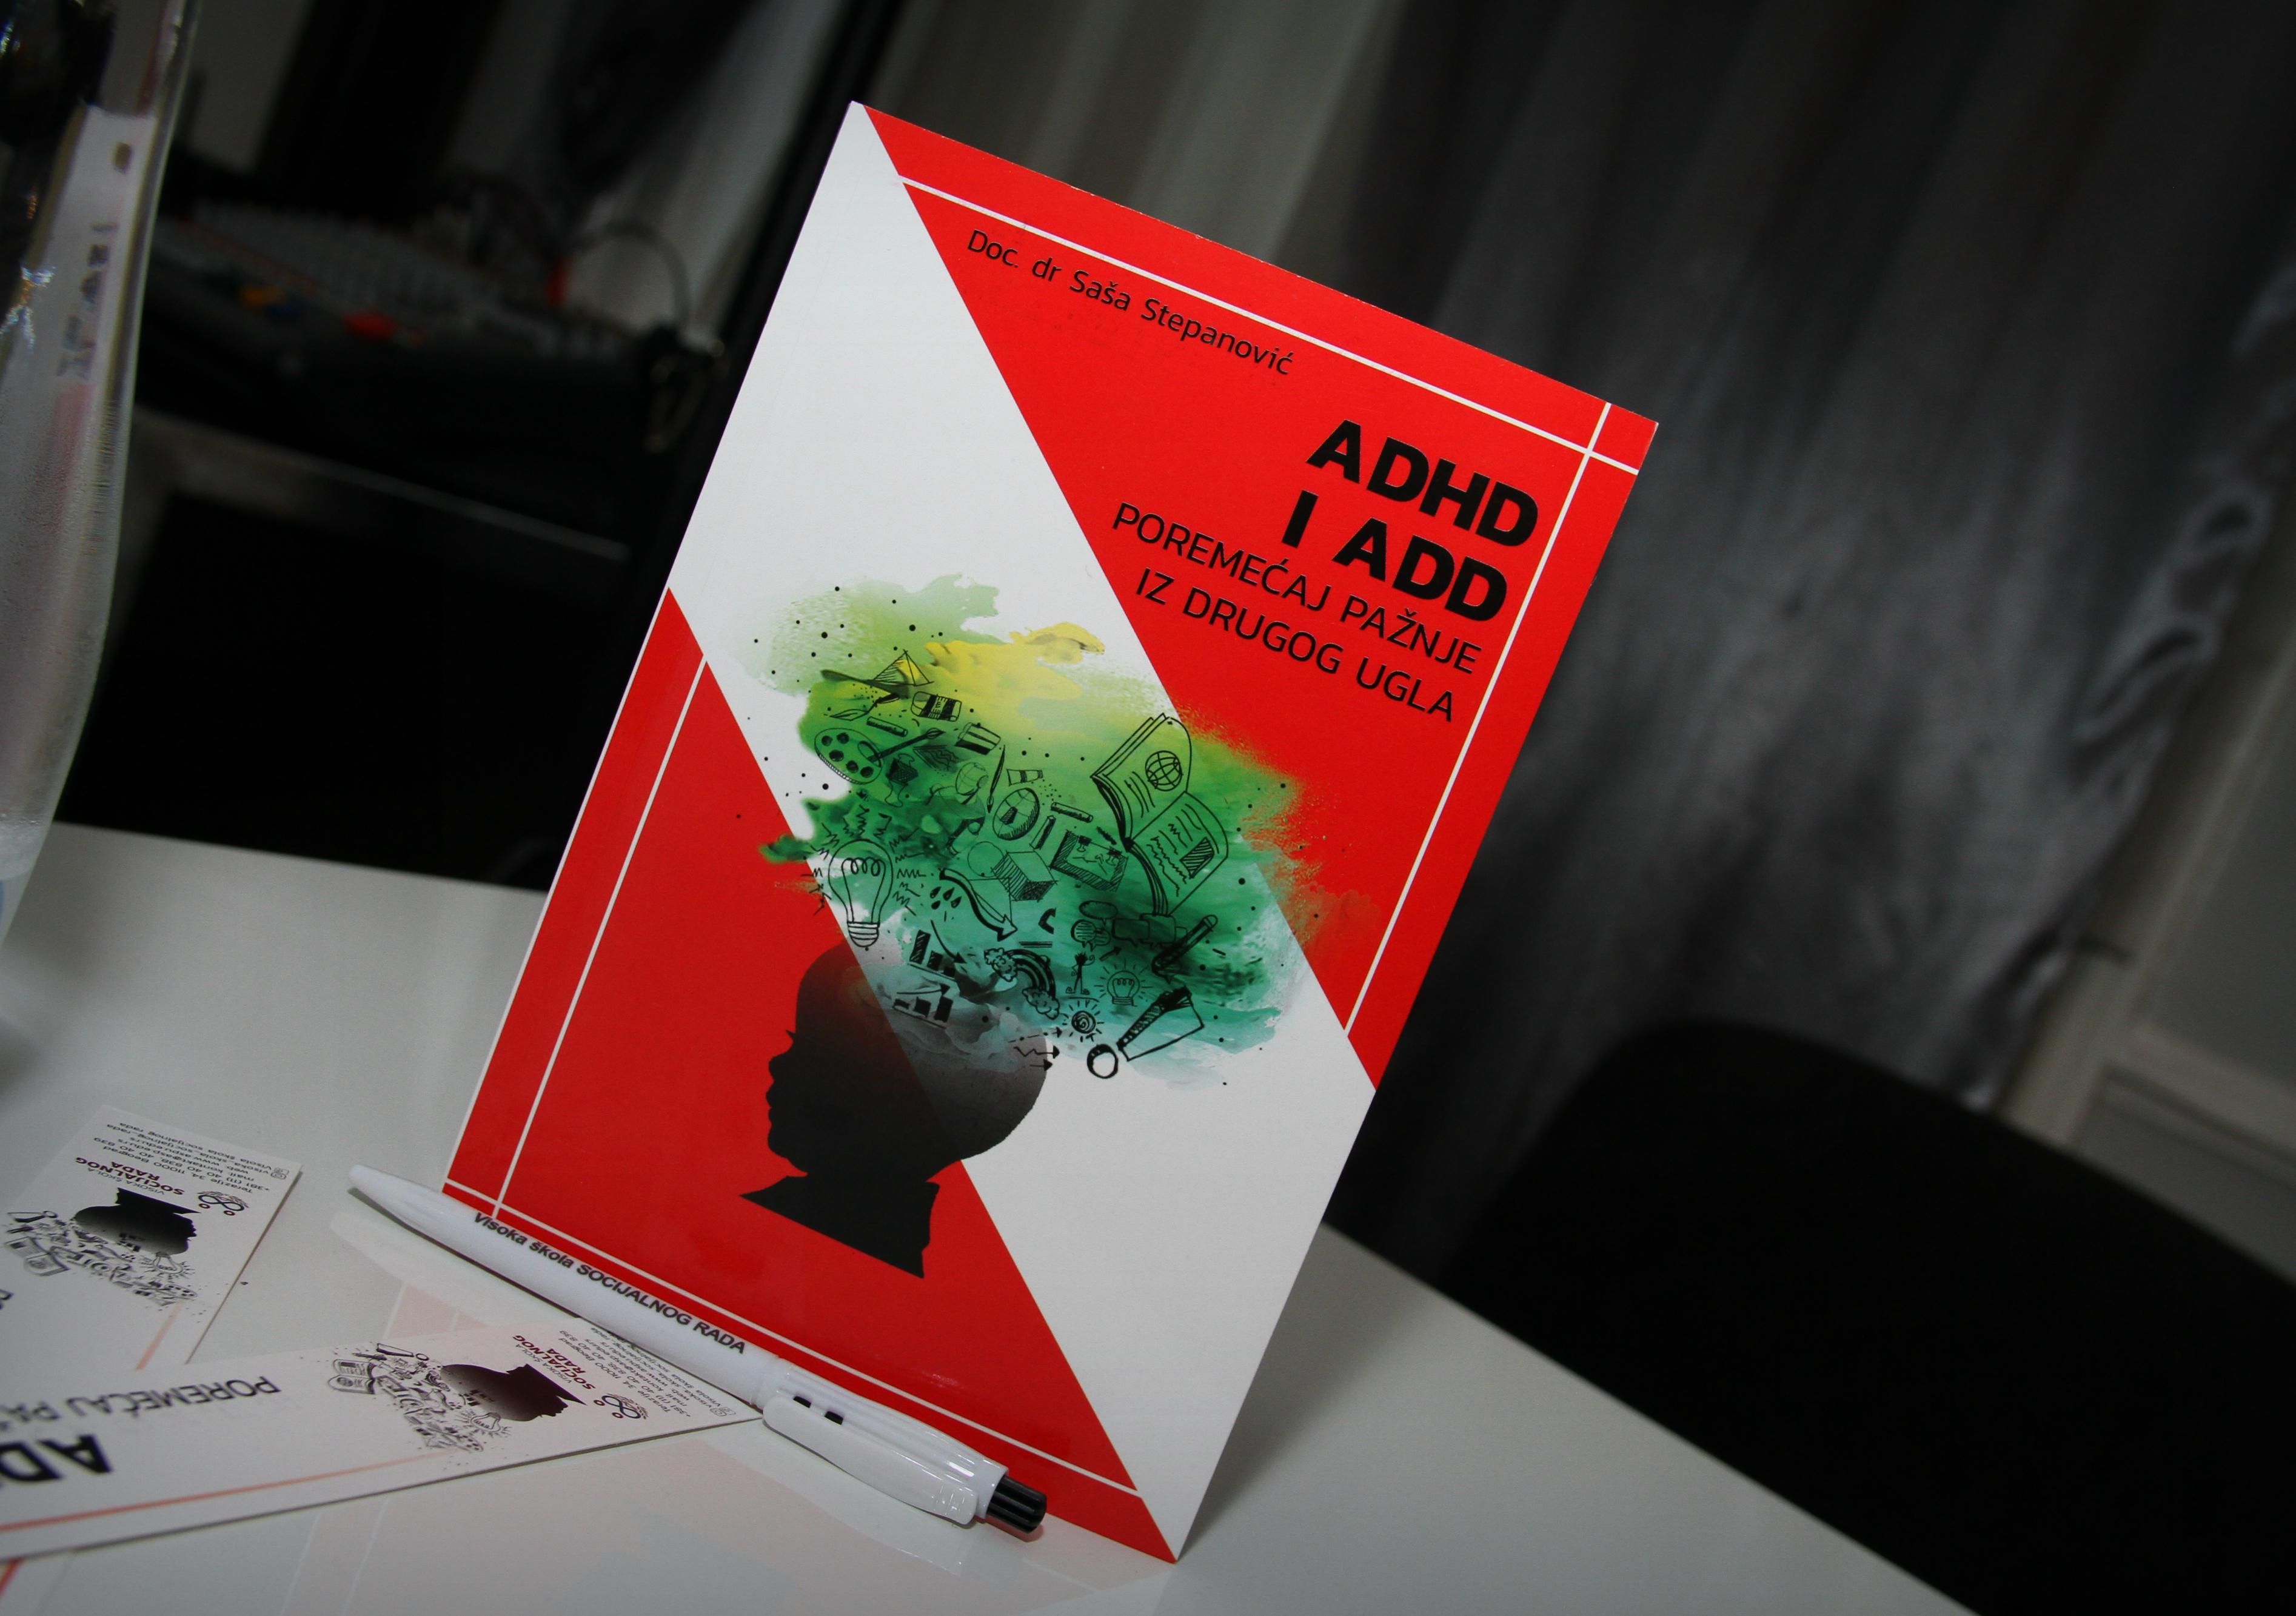 """Promocija knjige""""ADHD I ADD-poremećaj pažnje iz drugog ugla"""""""